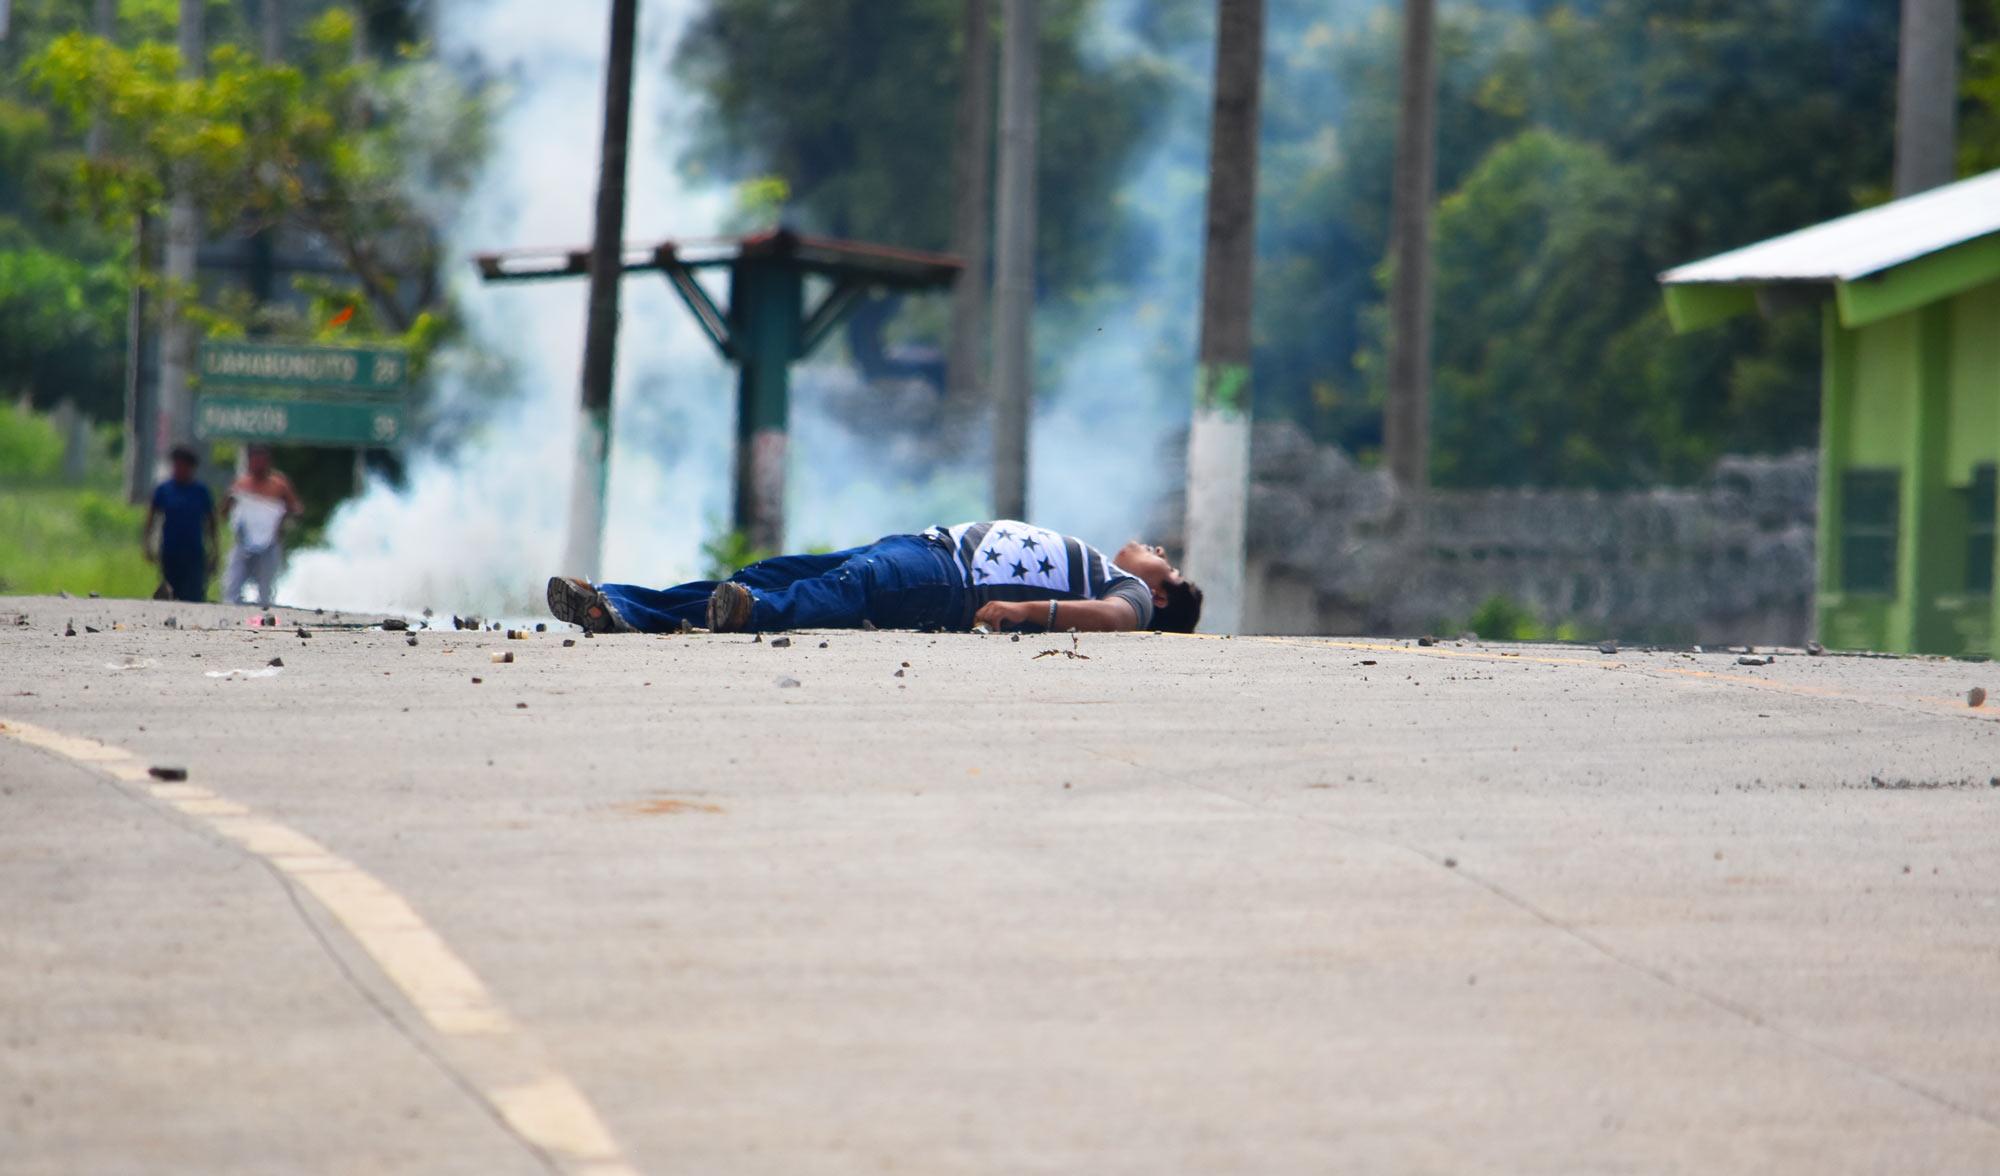 Carlos Maaz muerto durante una manifestación el 27 de mayo de 2017 en El Estor (Créditos: Carlos Choc)